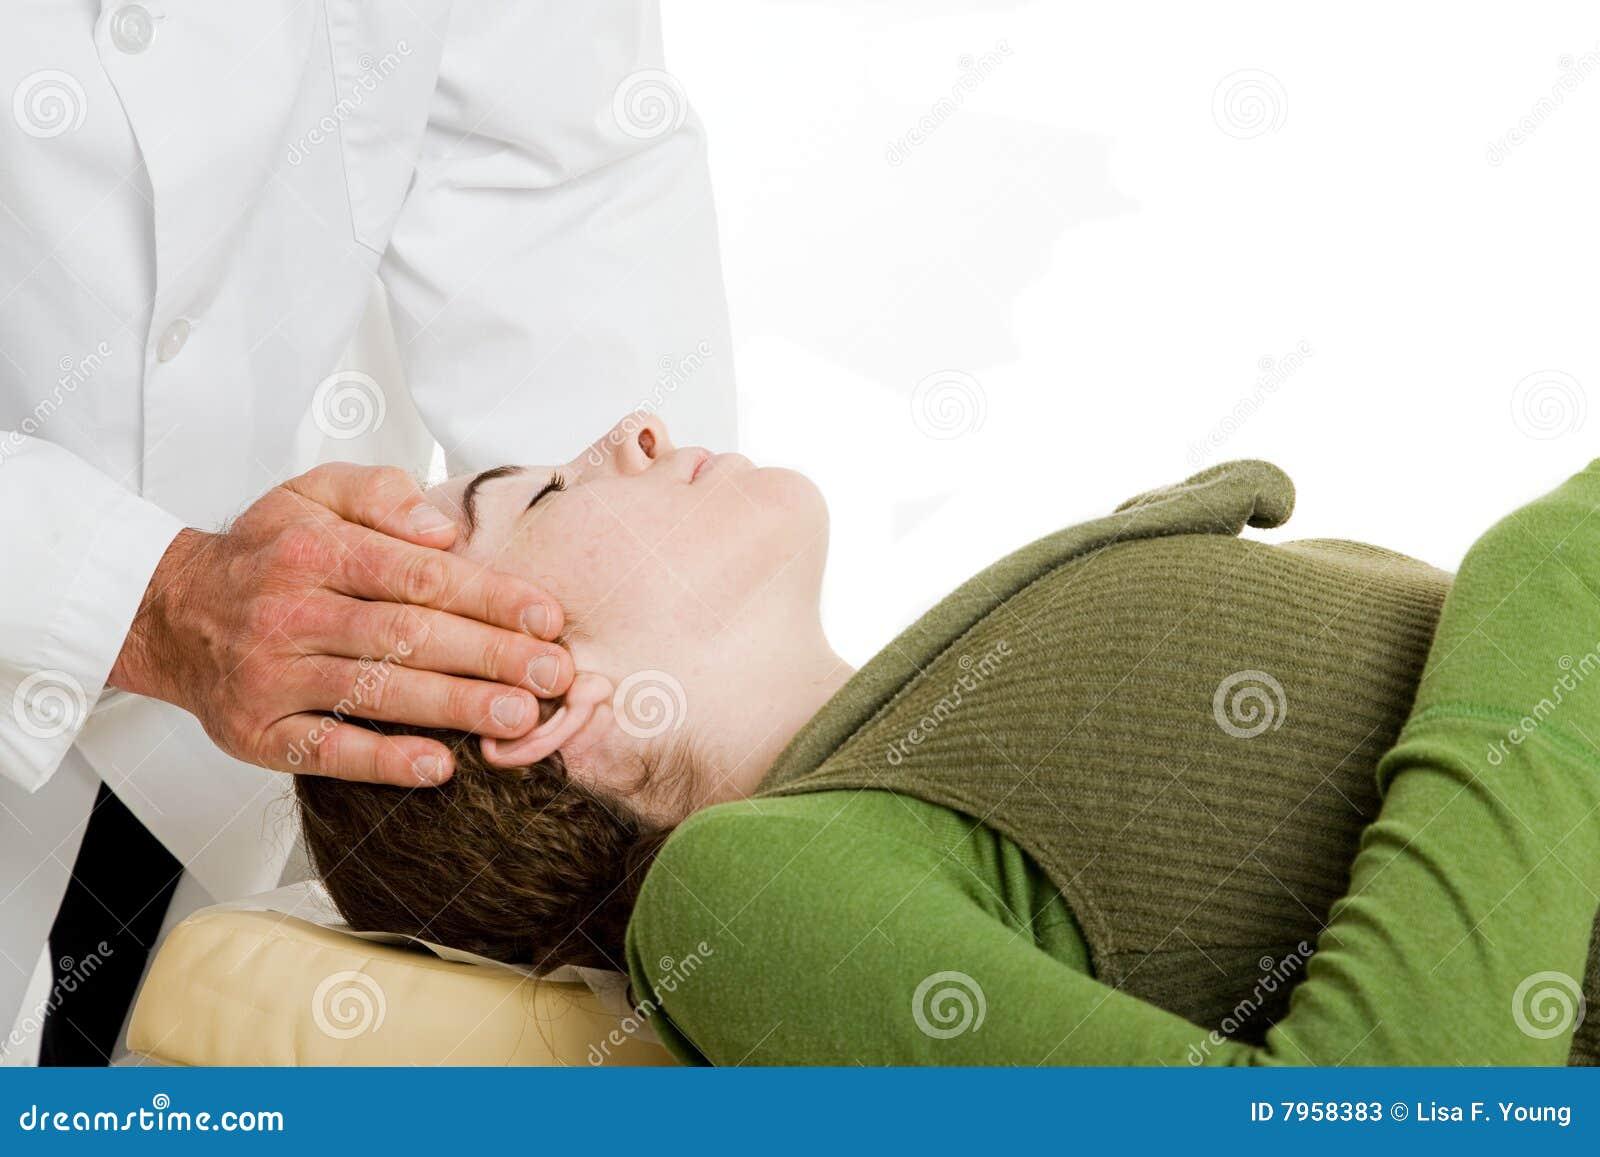 Gentle Chiropractic Care